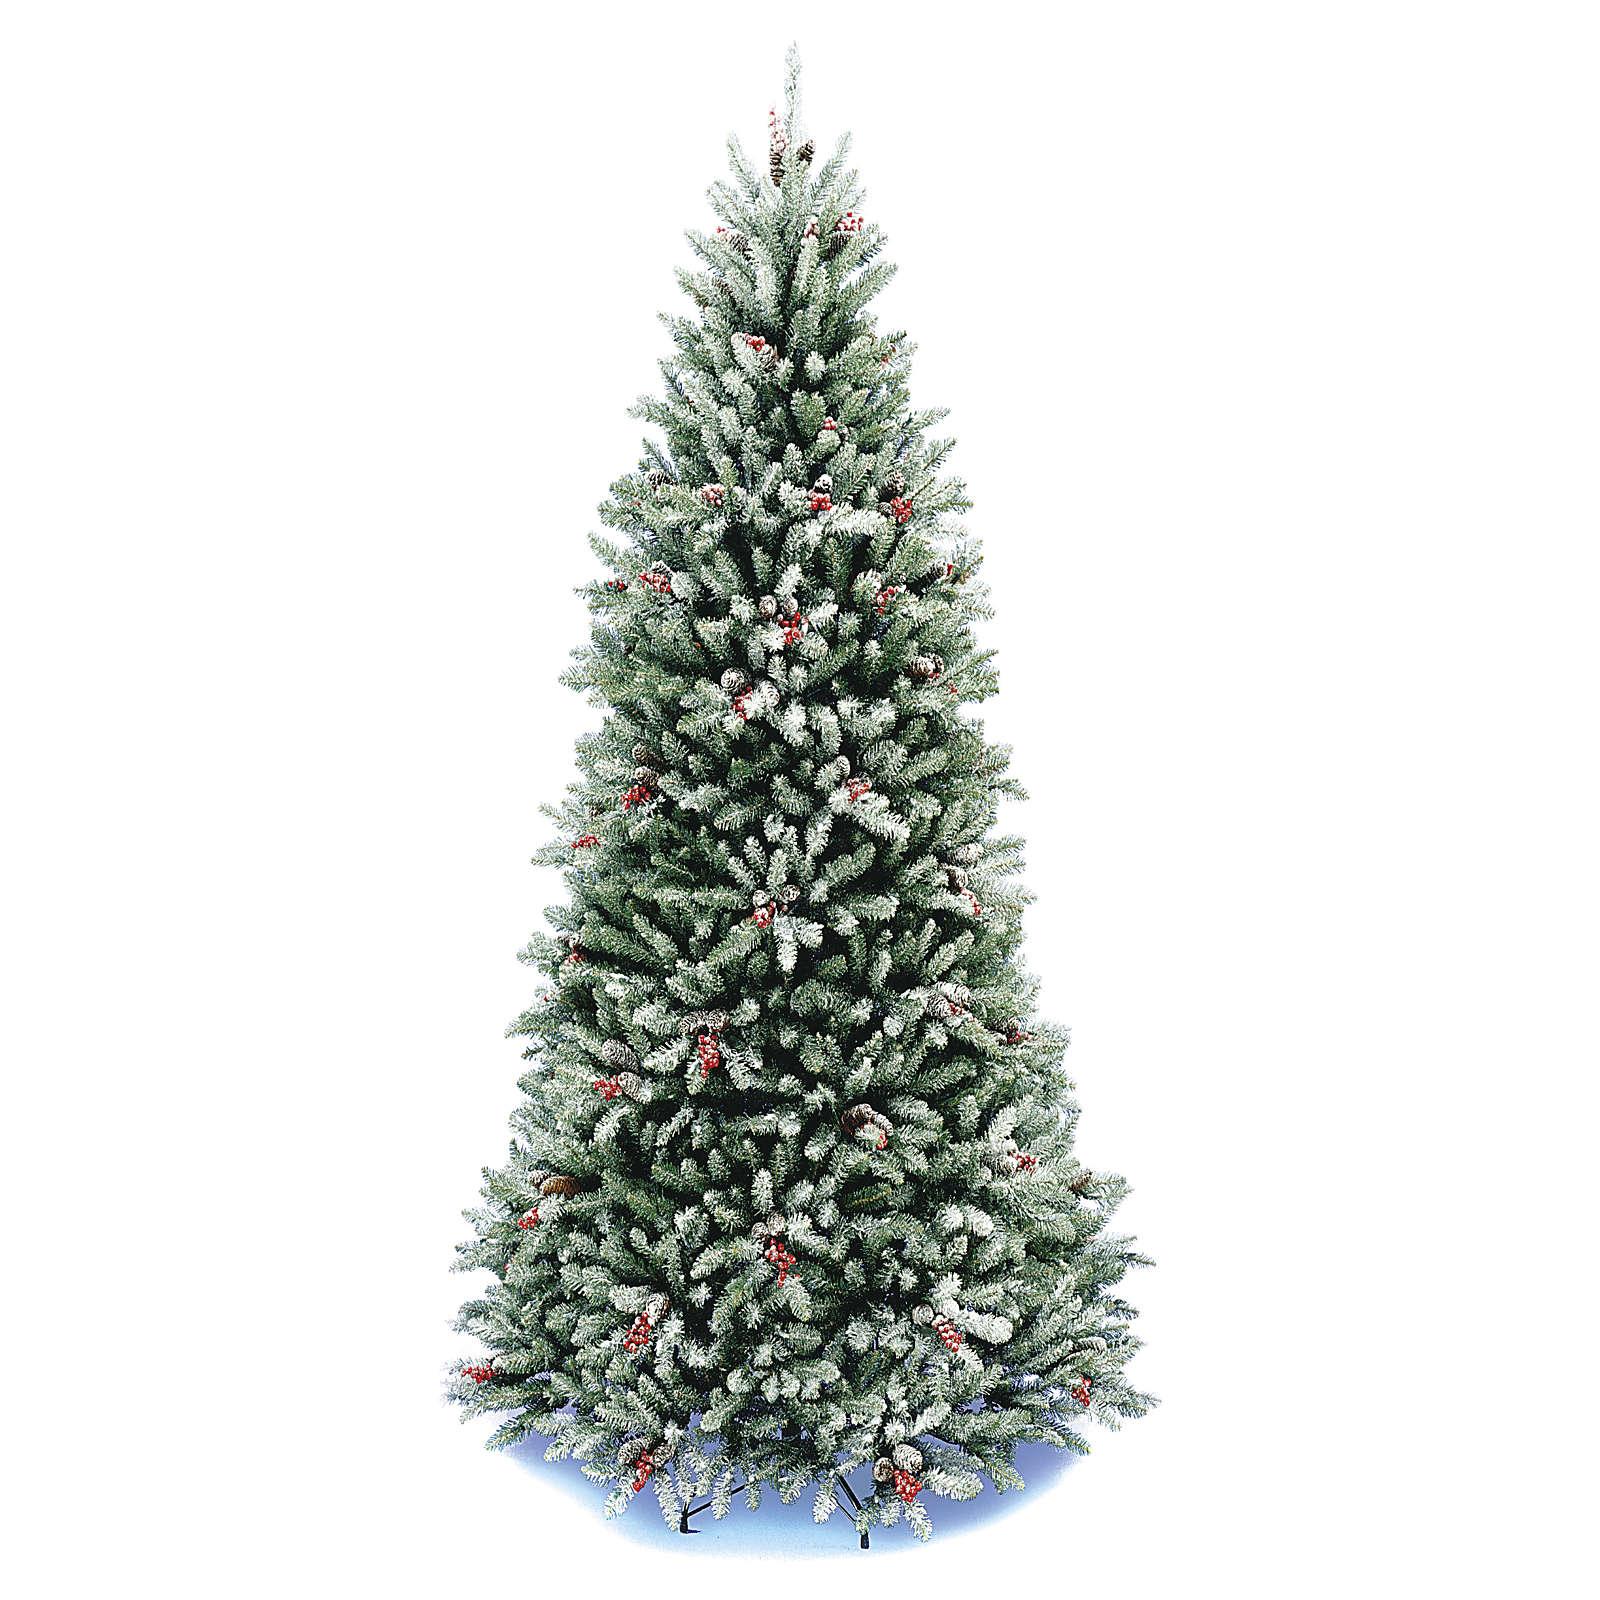 Albero Di Natale Slim 210.Albero Di Natale 210 Cm Slim Neve Floccato Bacche Pigne Dunhill